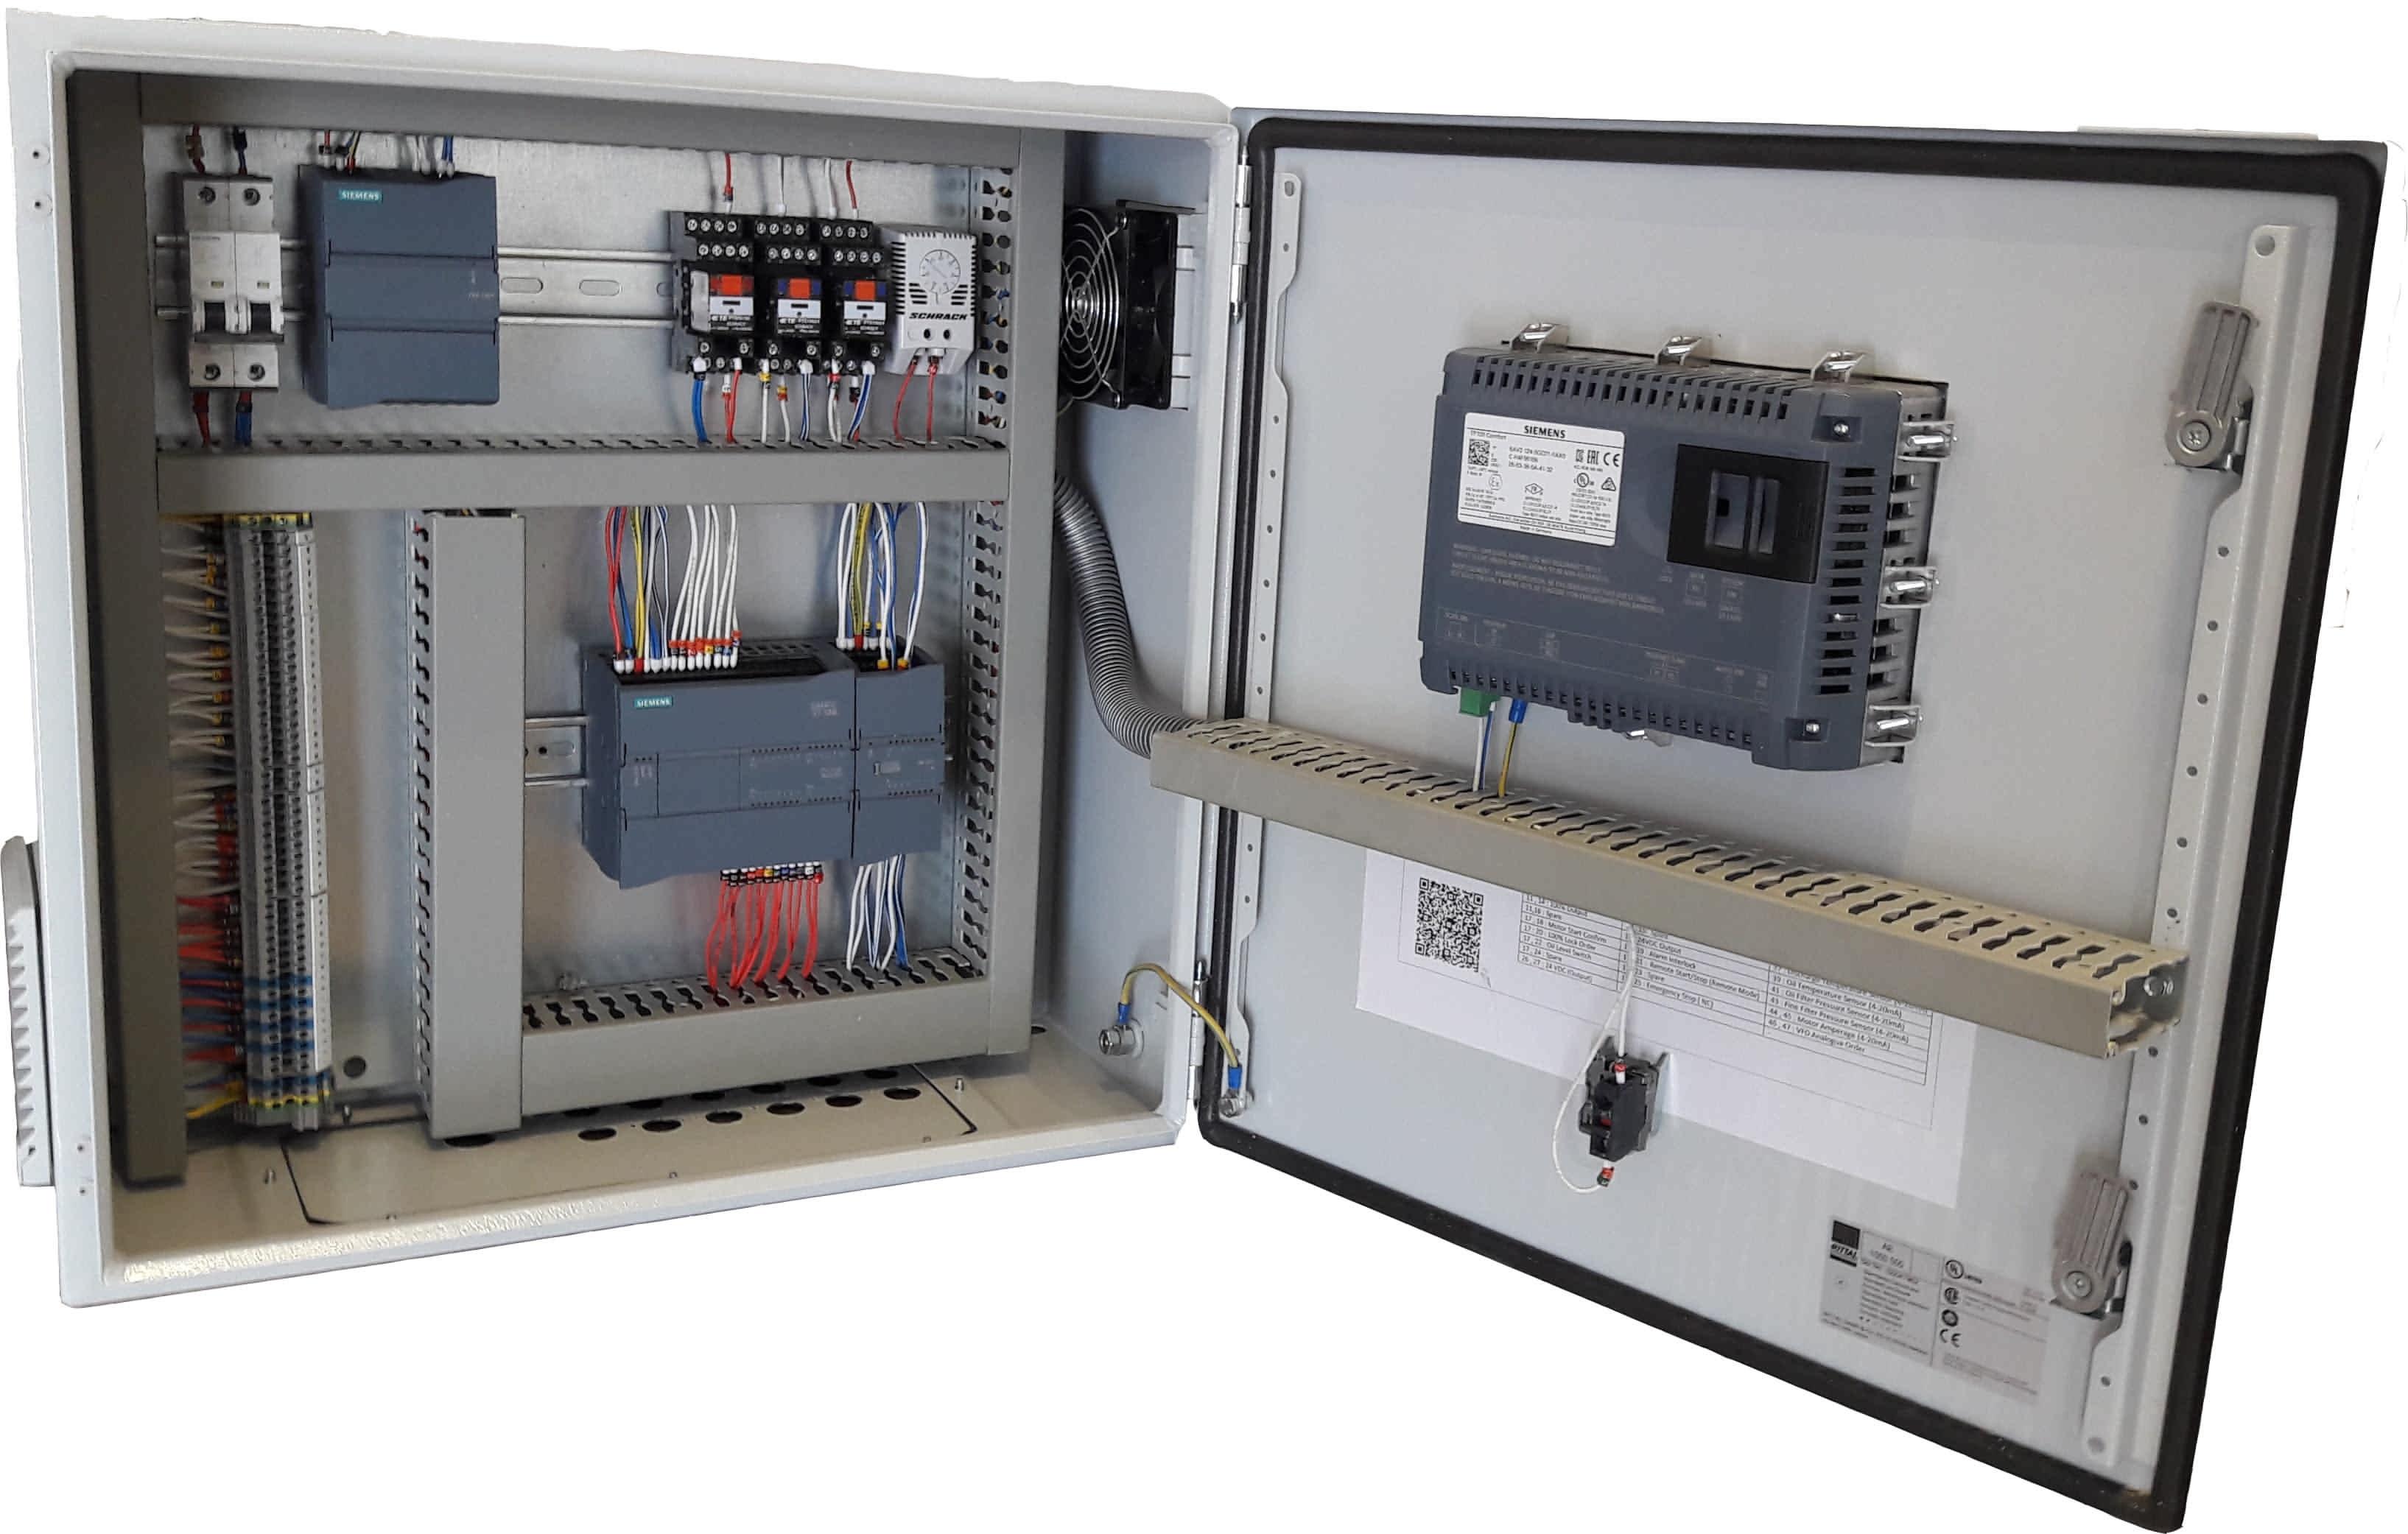 تابلو برق کنترل ظرفیت کمپرسور